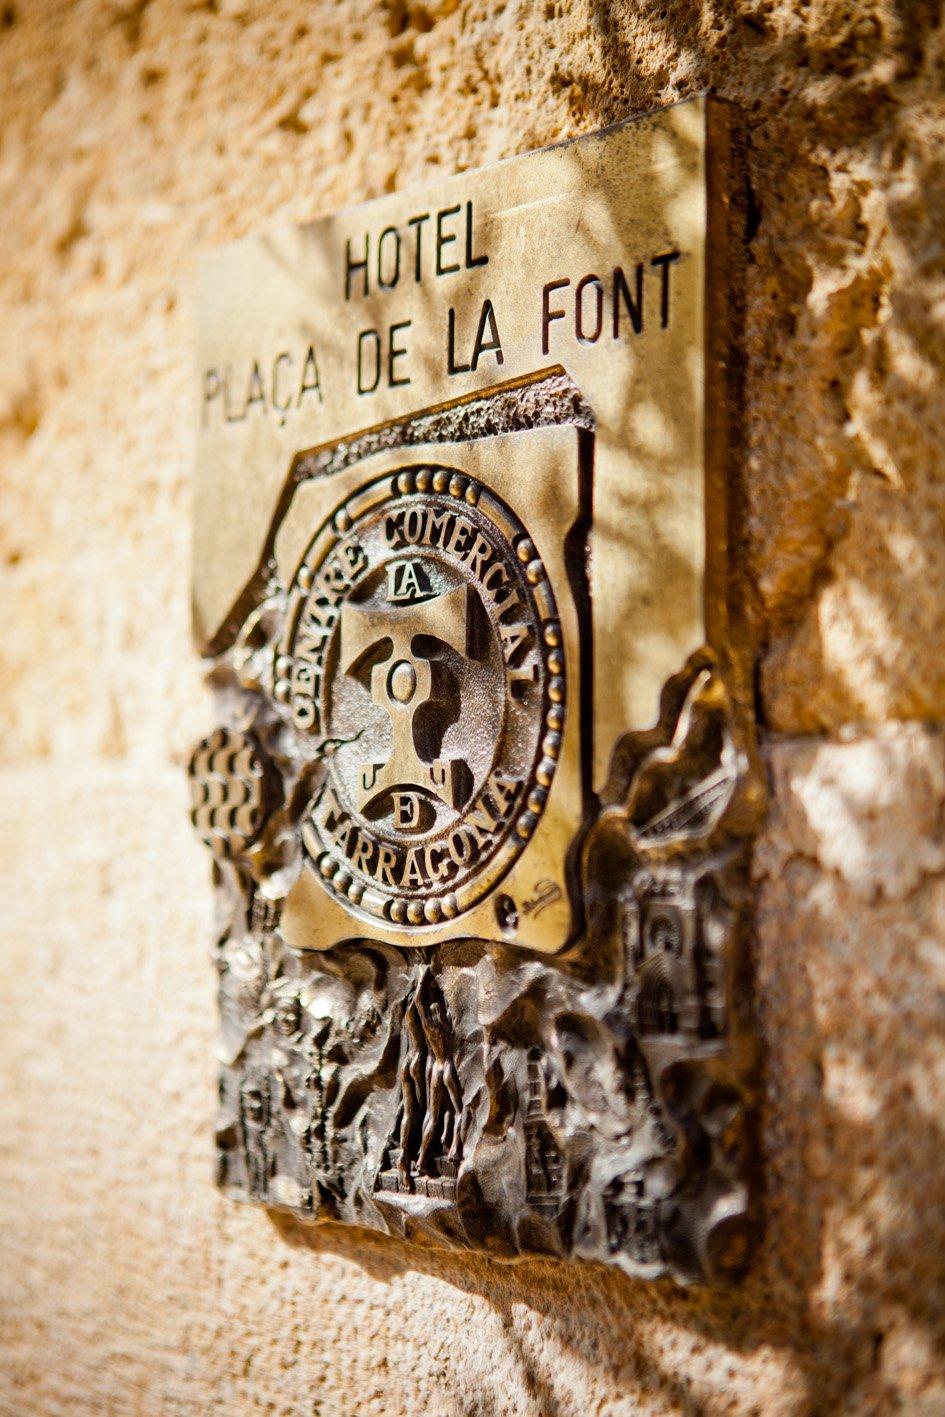 hotel_la_fontnombre_del_documento_13-cd30e96b8be5cb3c506d2f9093ec91da